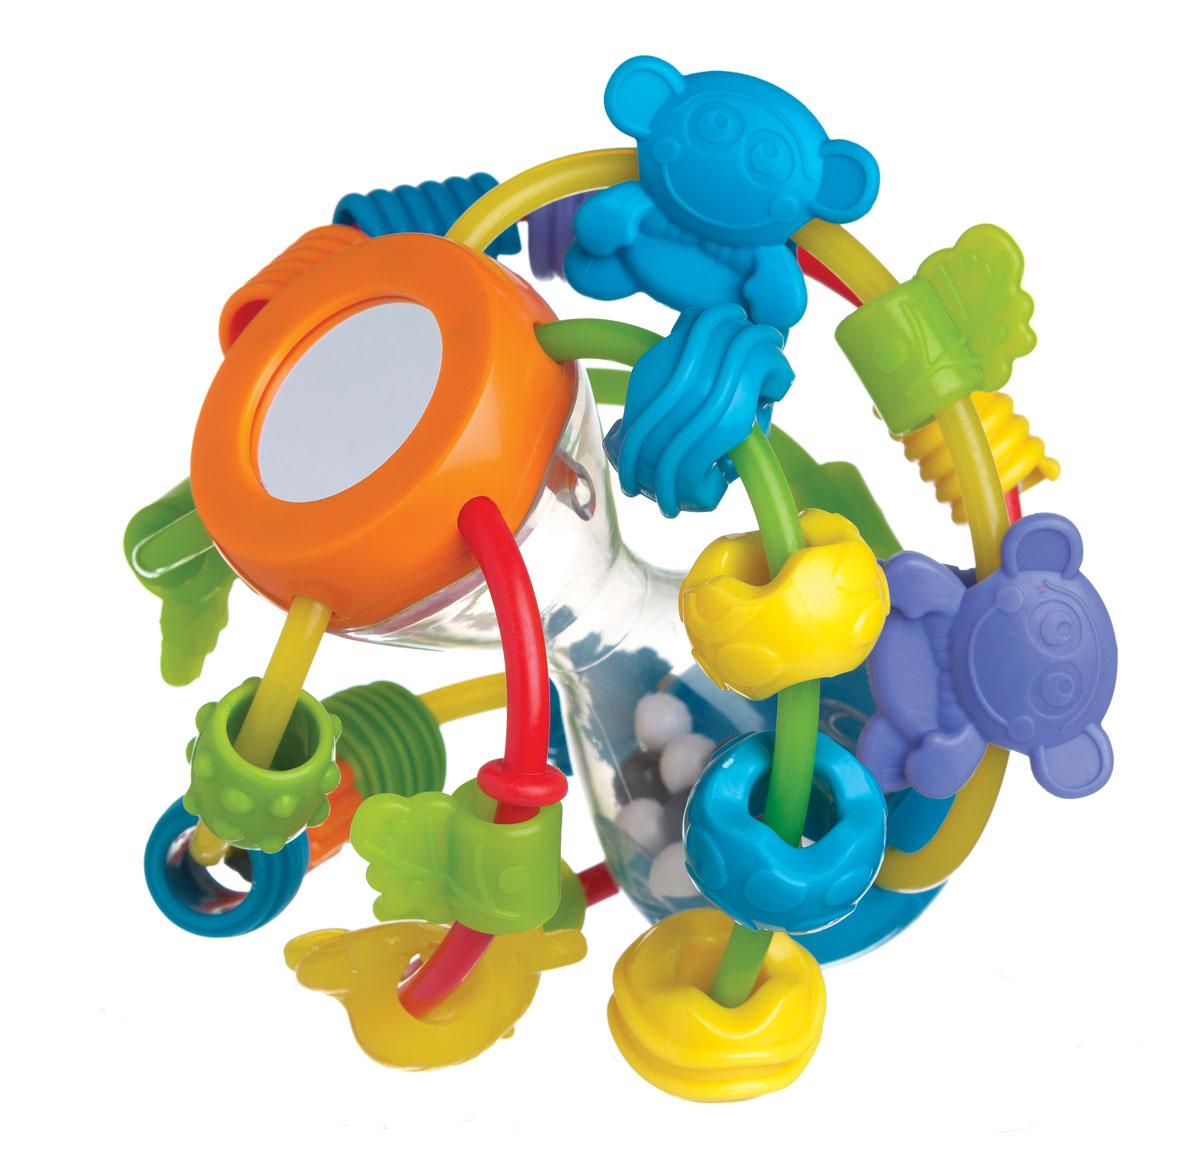 Playgro Развивающая игрушка Шар playgro погремушка шар